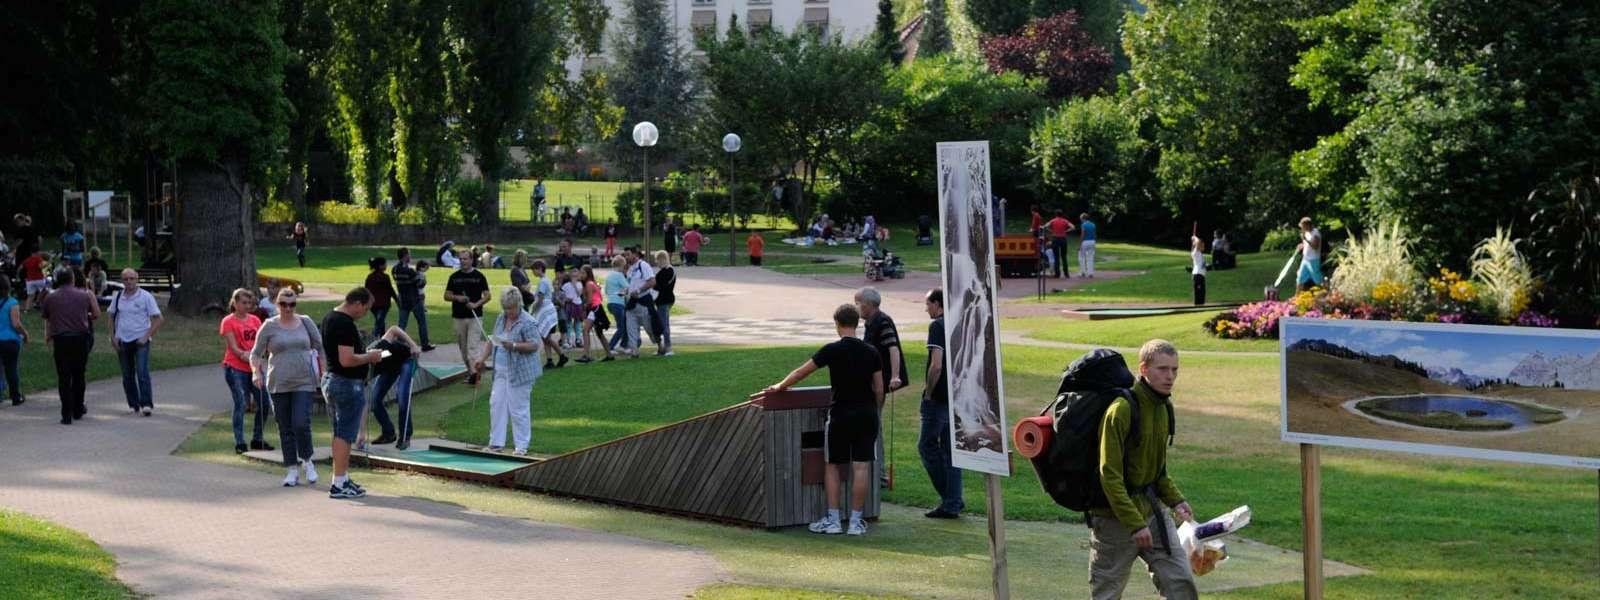 Golf sur piste, jeu ludique entre amis